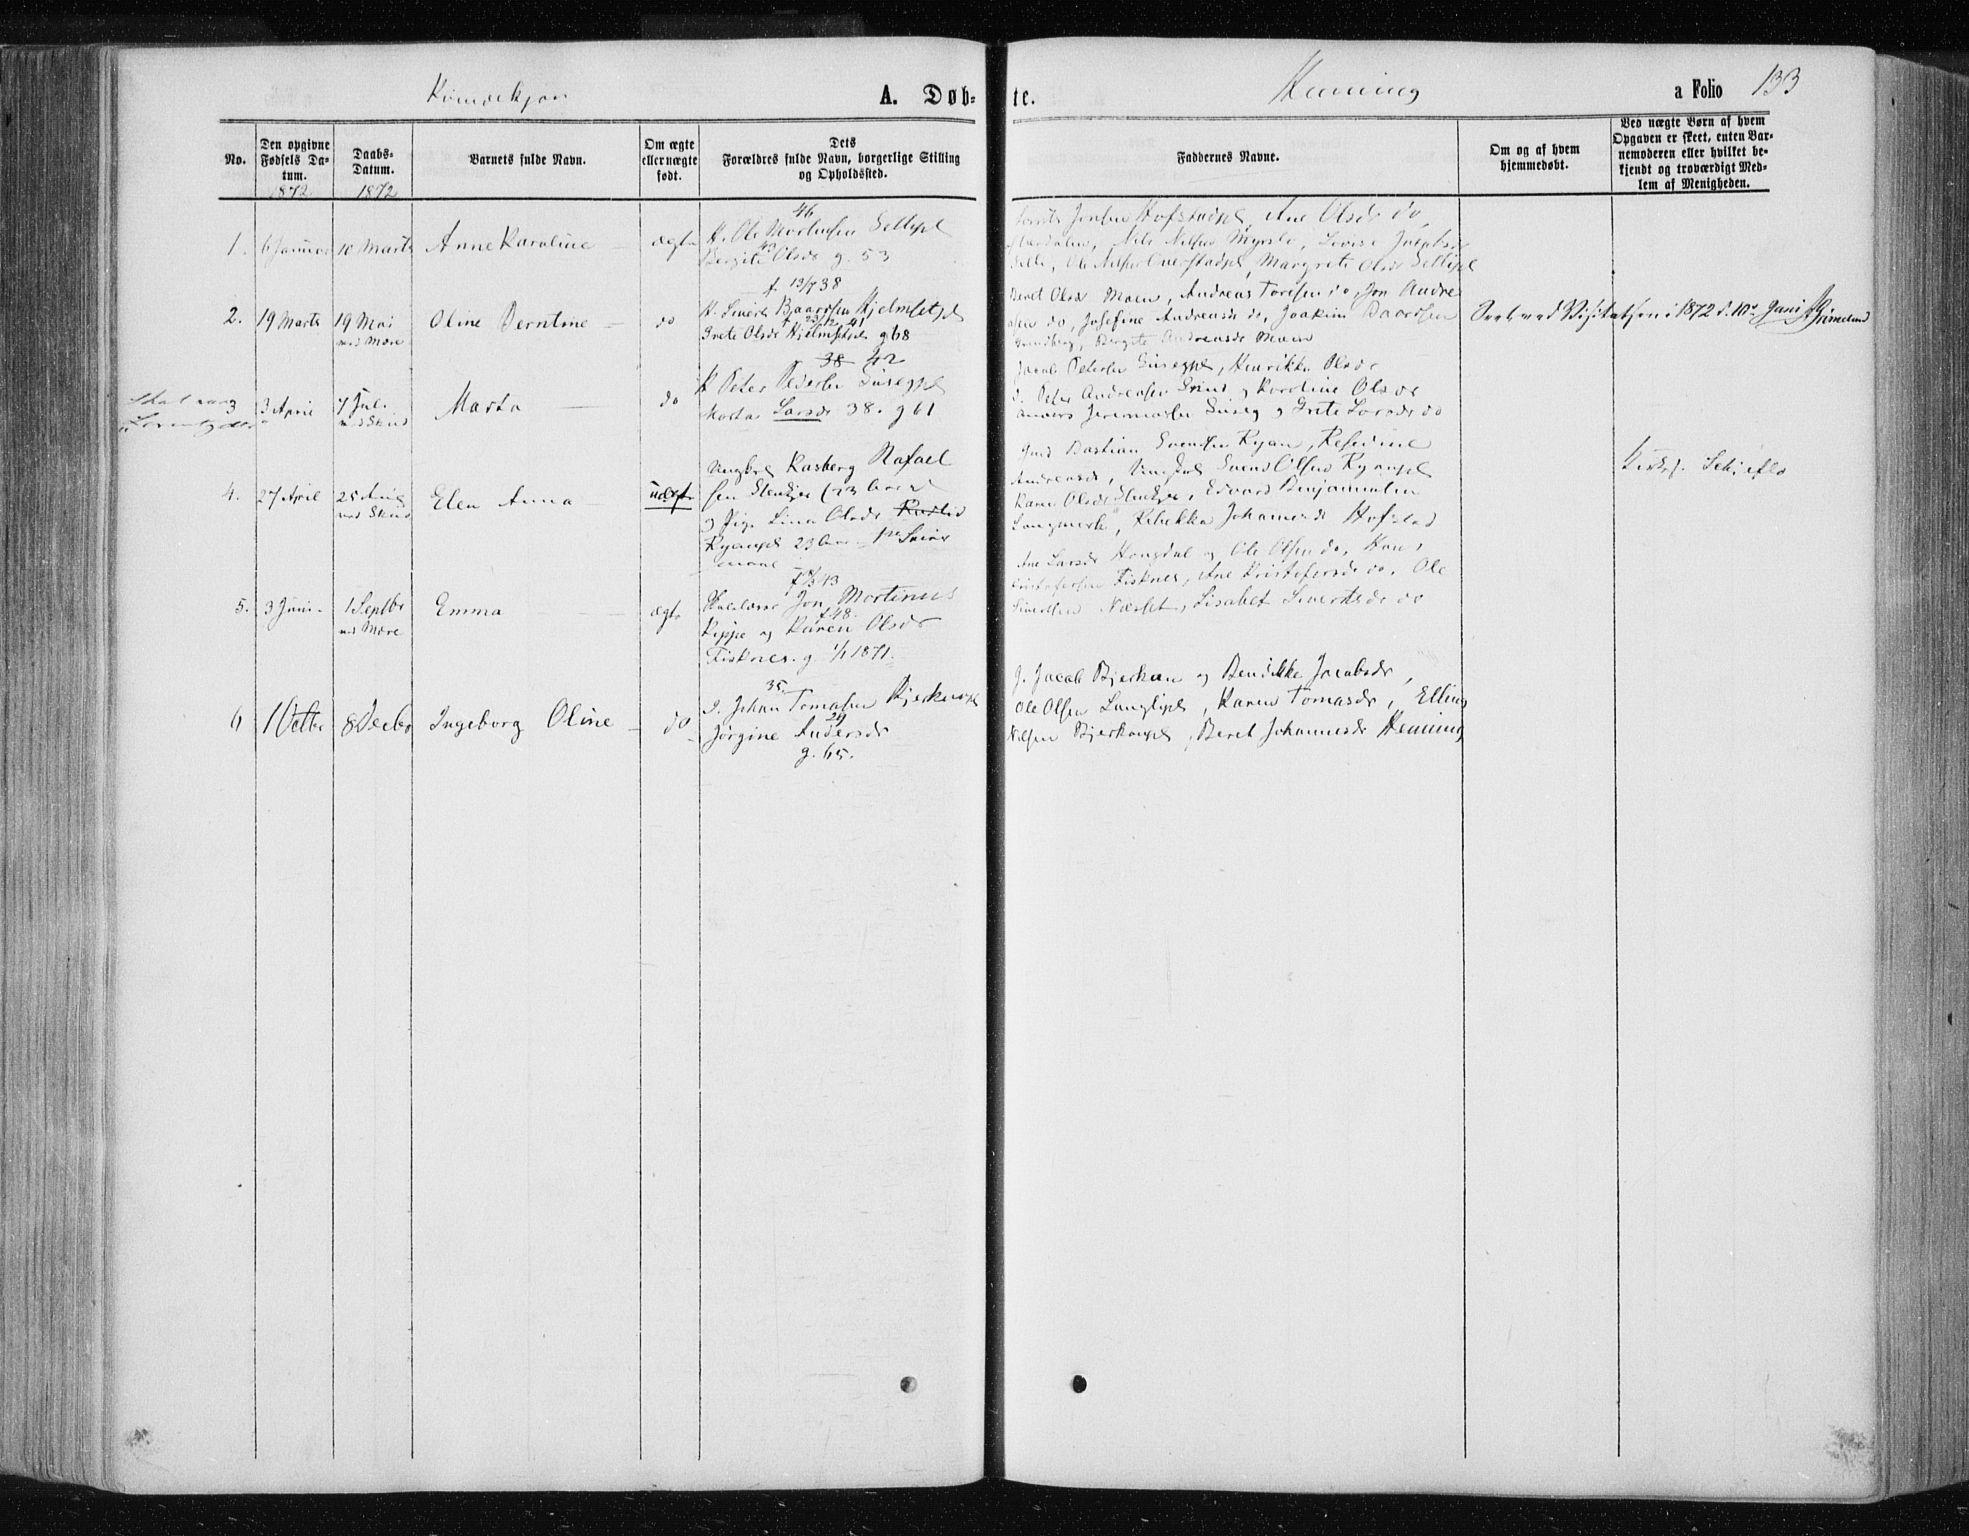 SAT, Ministerialprotokoller, klokkerbøker og fødselsregistre - Nord-Trøndelag, 735/L0345: Ministerialbok nr. 735A08 /3, 1863-1872, s. 133